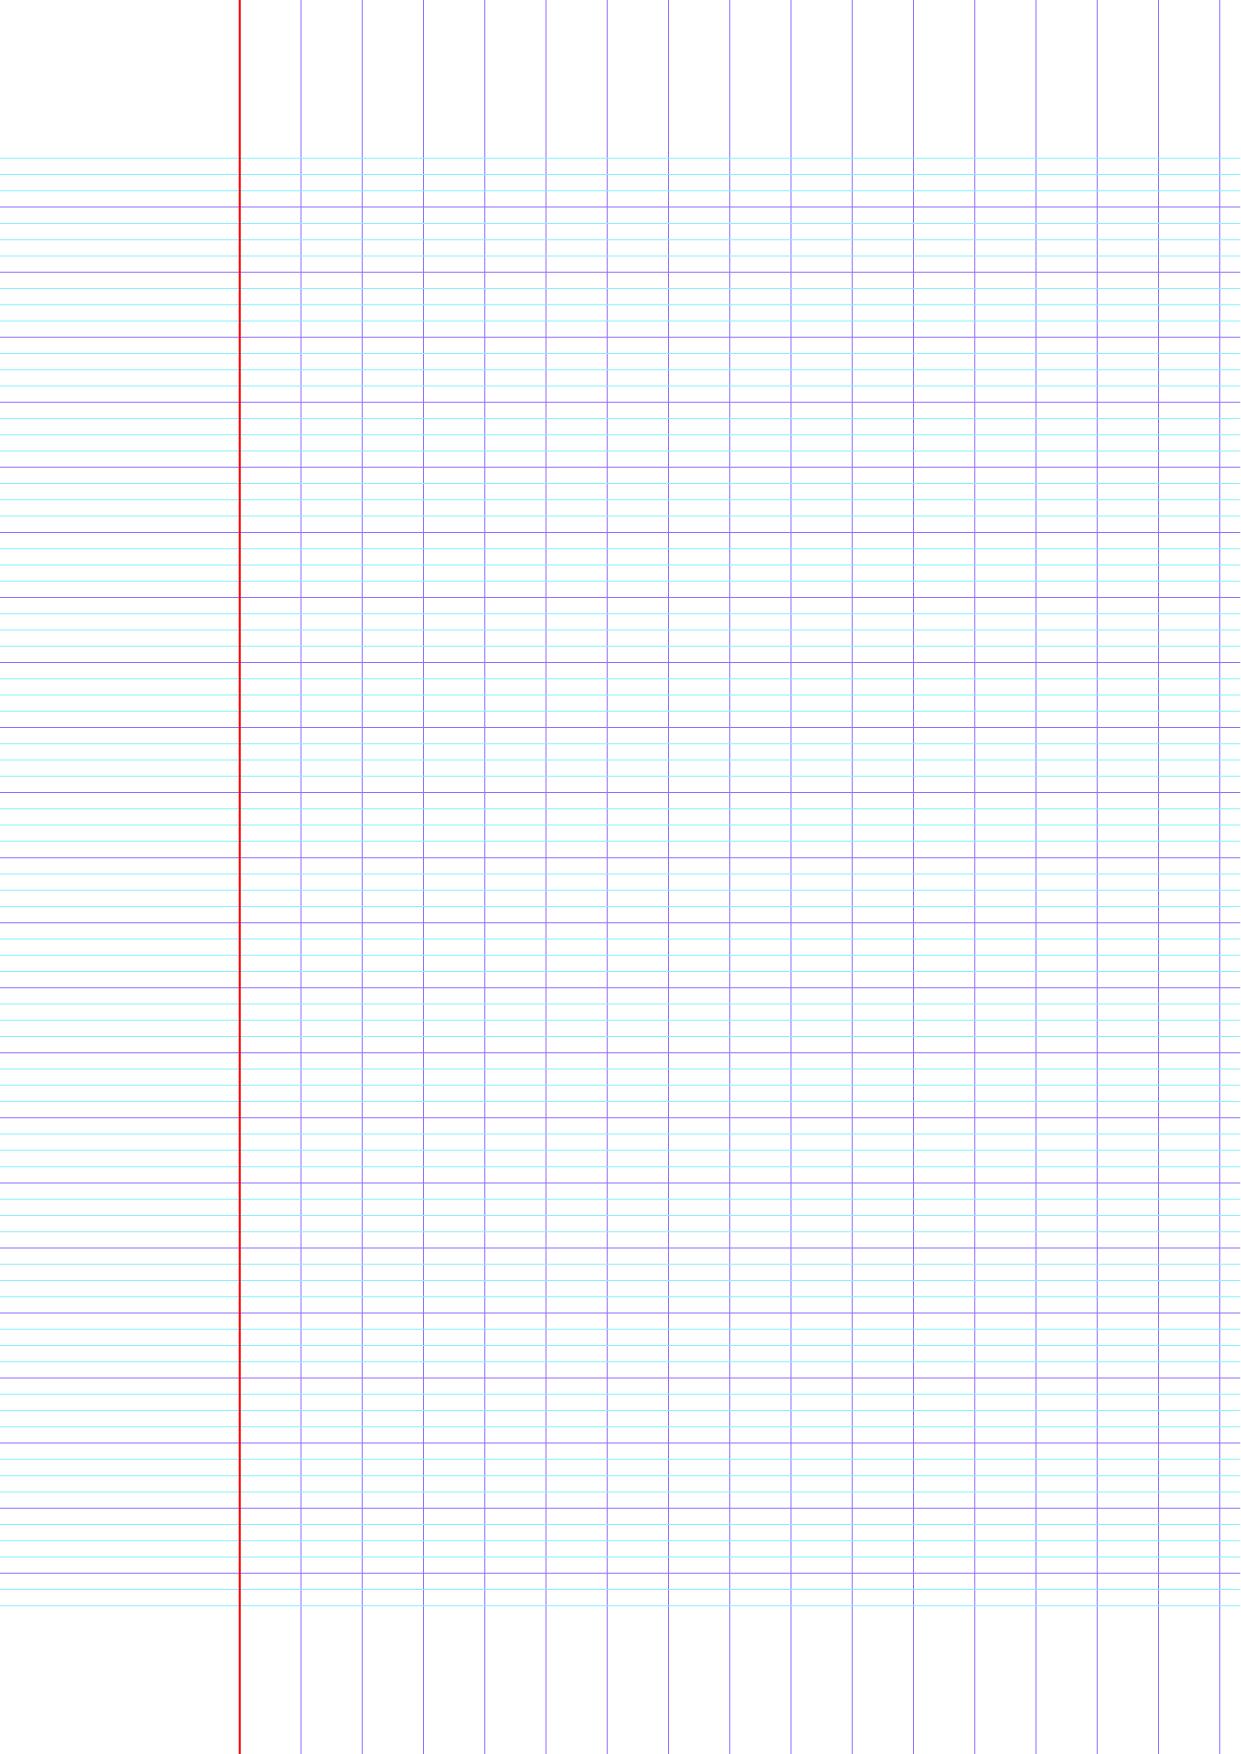 Feuille D'écriture Vierge À Imprimer | Exercices D'écriture dedans Graphisme Maternelle A Imprimer Gratuit